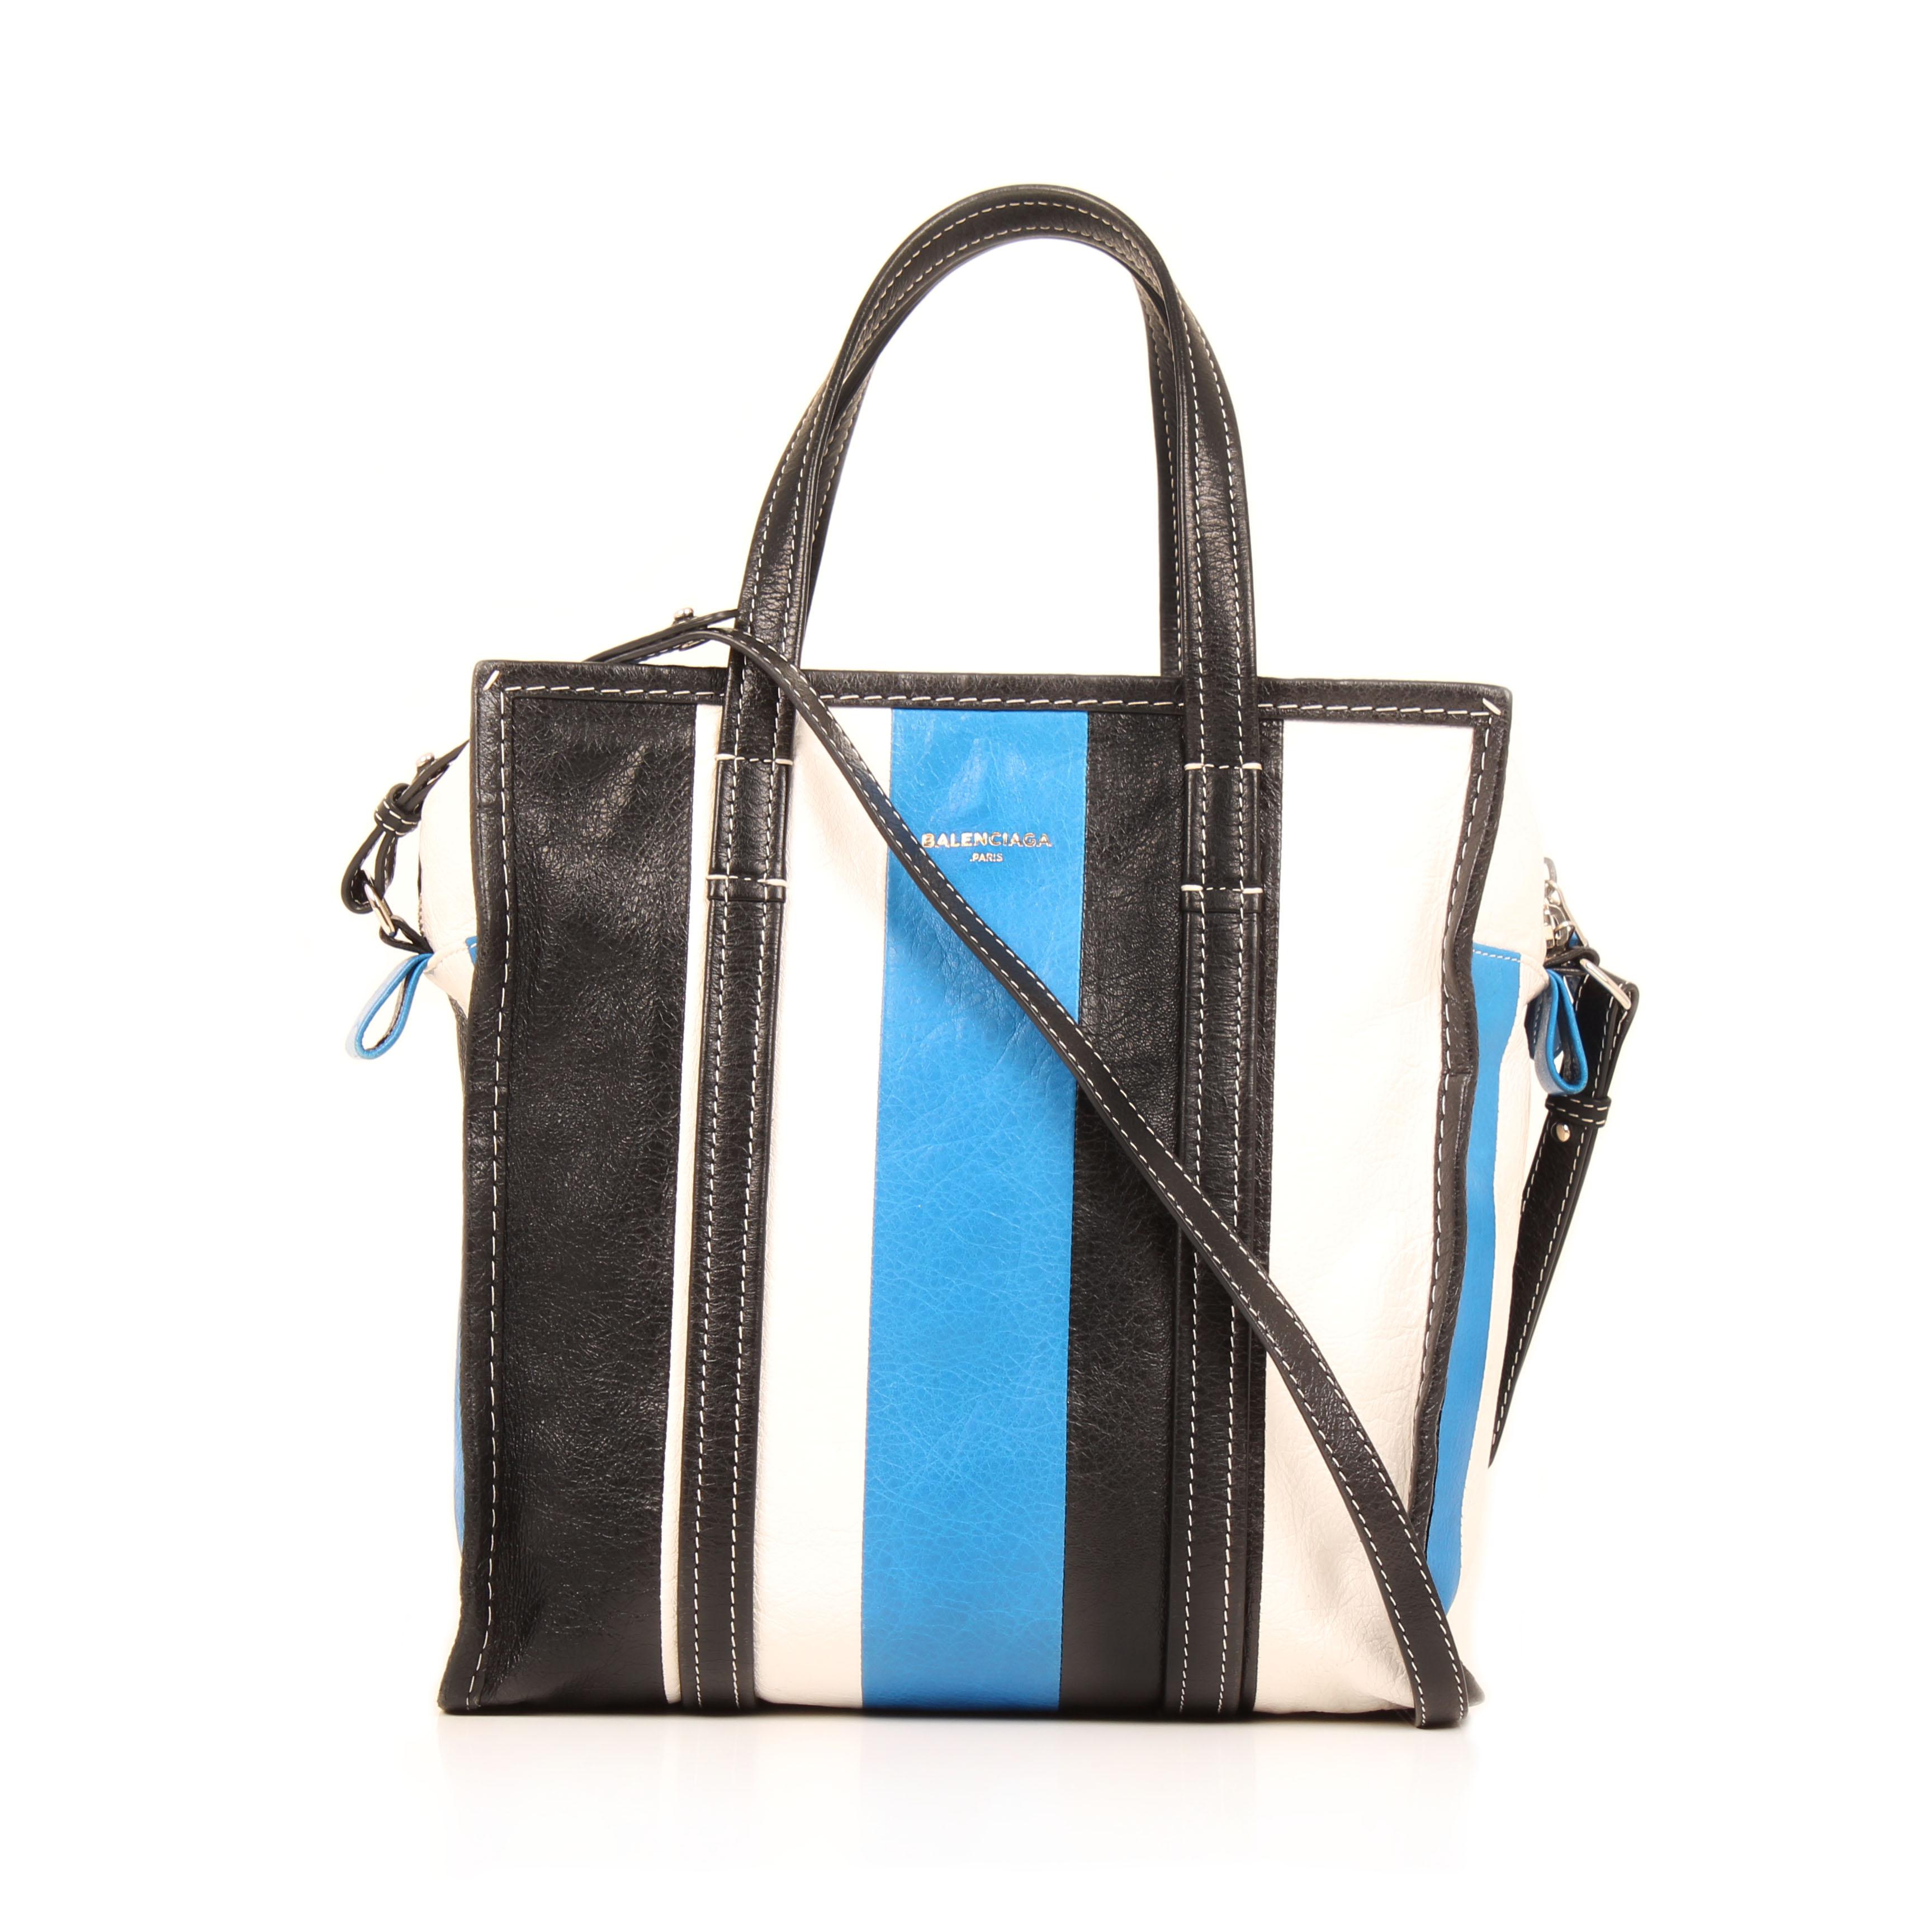 bolso balenciaga bazar shopper s arena rayado azul blanco negro piel frontal